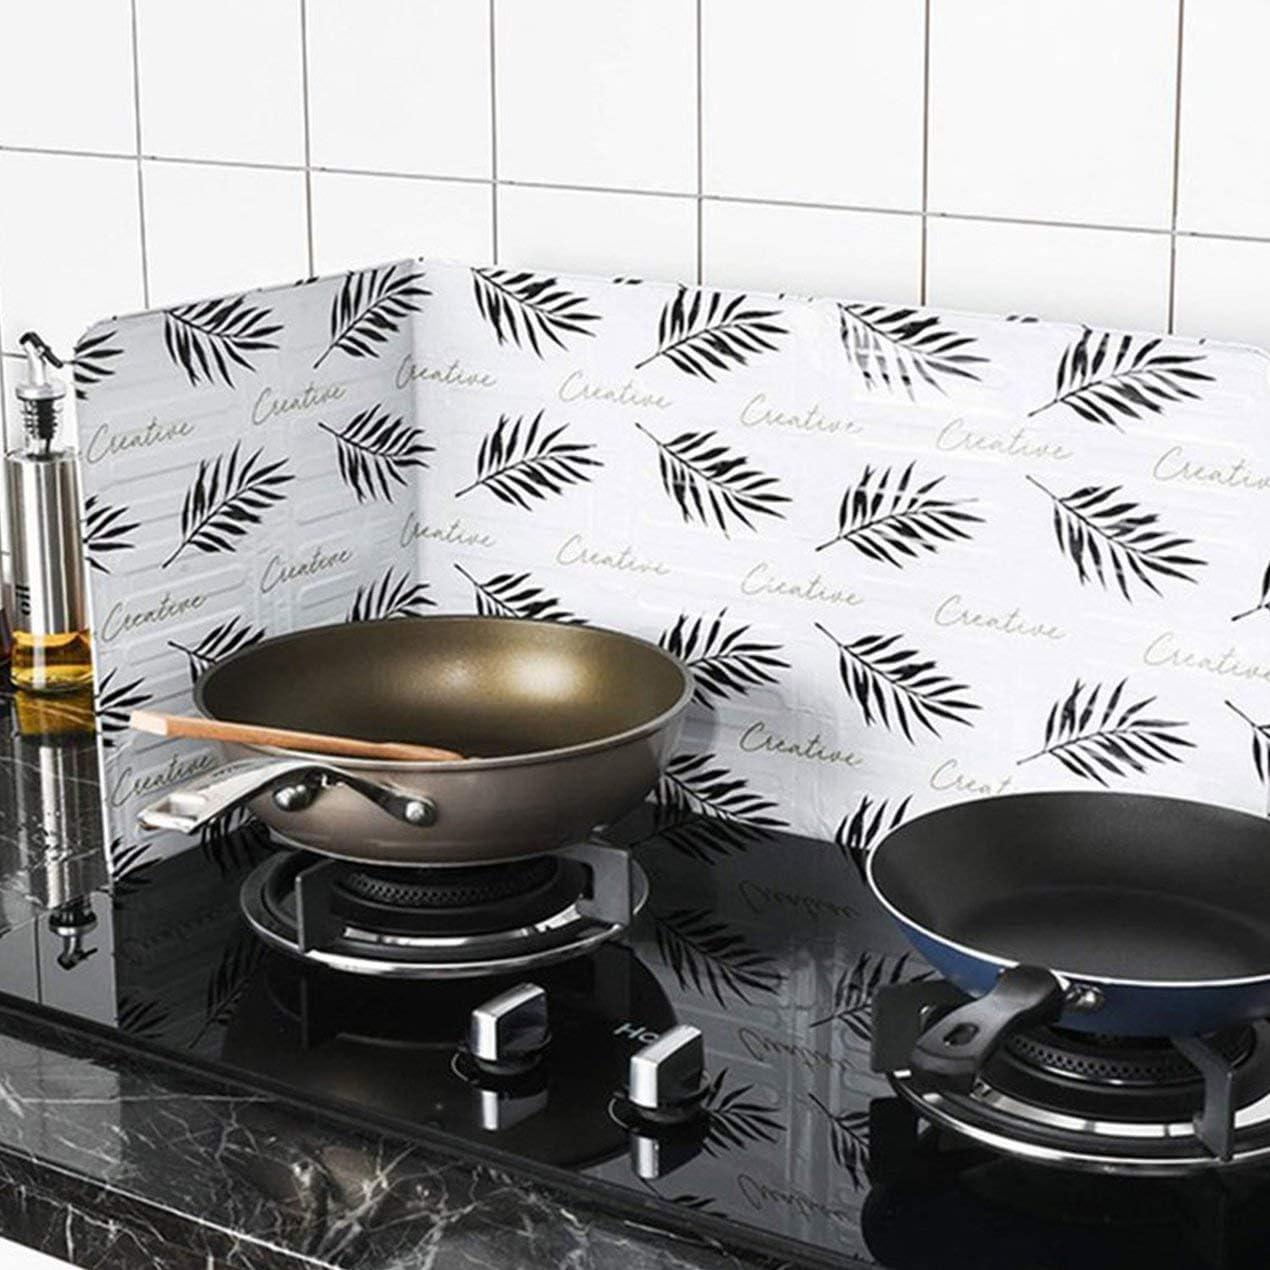 Feuille Longspeed Huile Feuille Daluminium Plaque Po/êle Gaz /Éclaboussures Dhuile /Écrans Outils De Cuisine Cuisson Isoler Anti-/éclaboussures Chicane Plaque De Cuisine